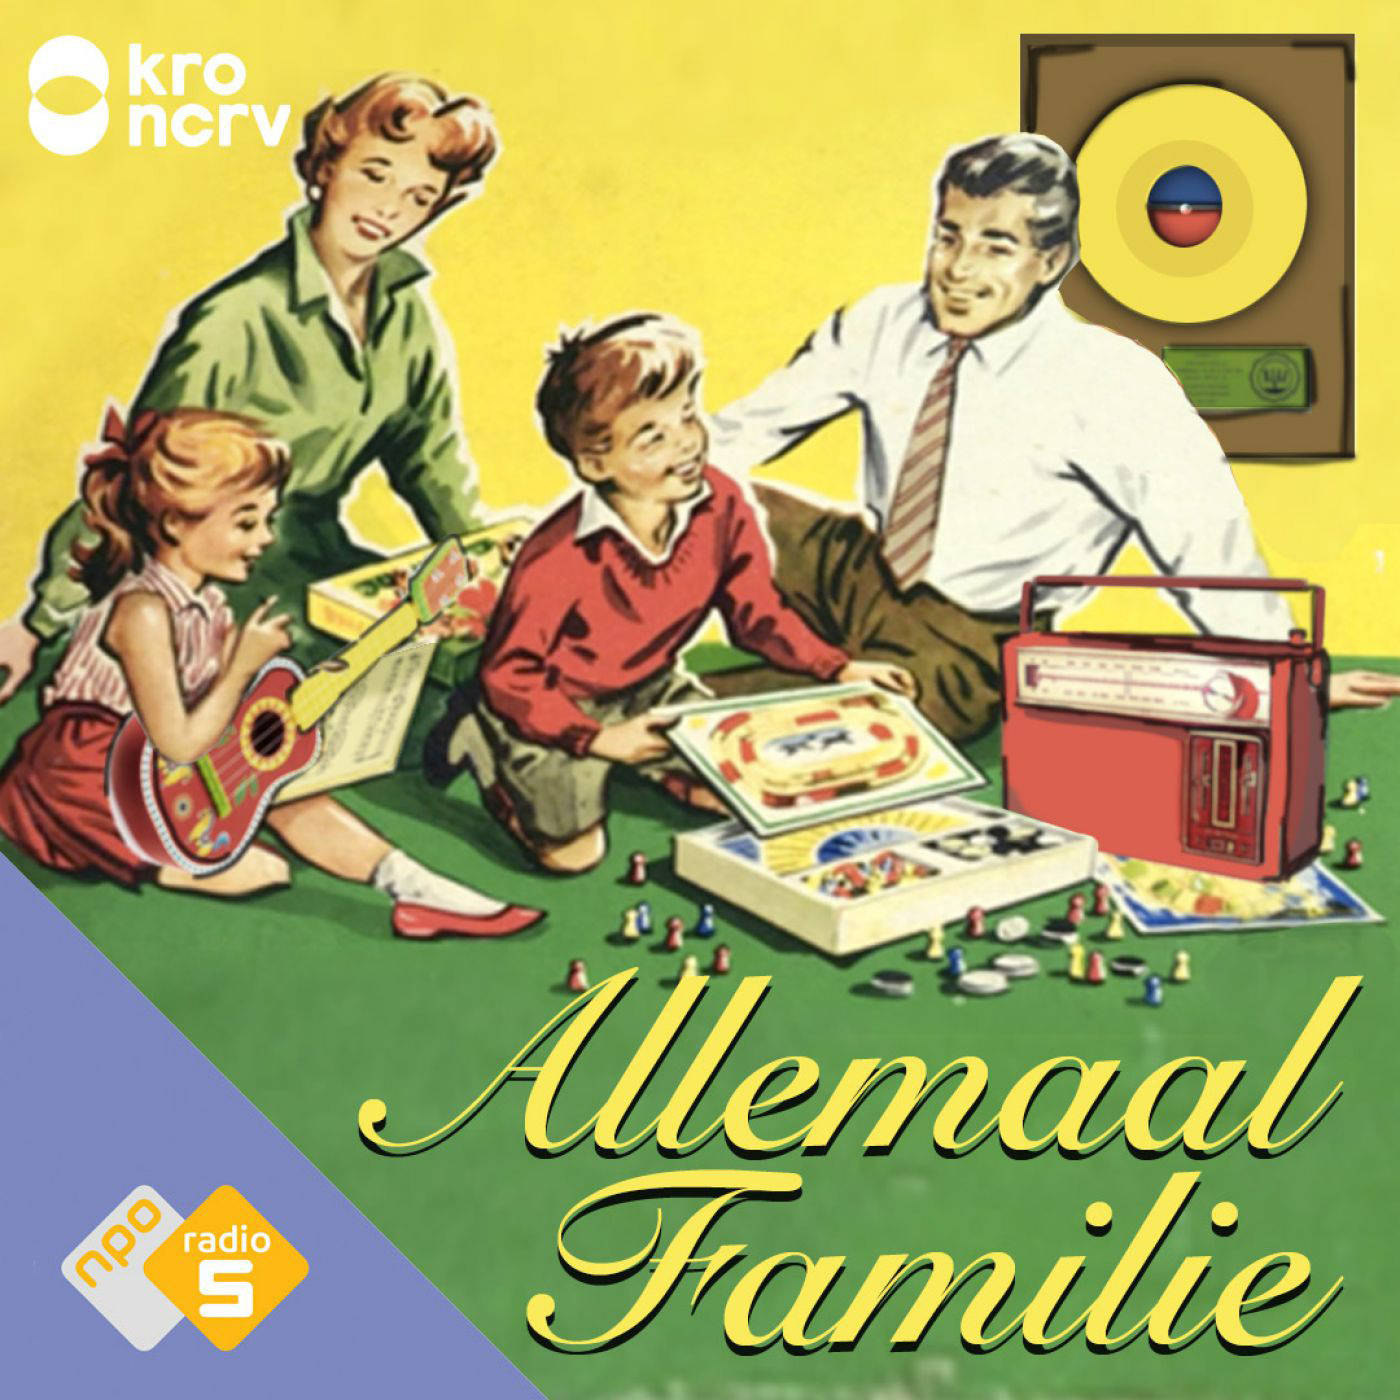 Allemaal familie 1400 b5f46b7e147c9710492ab3af906821bf